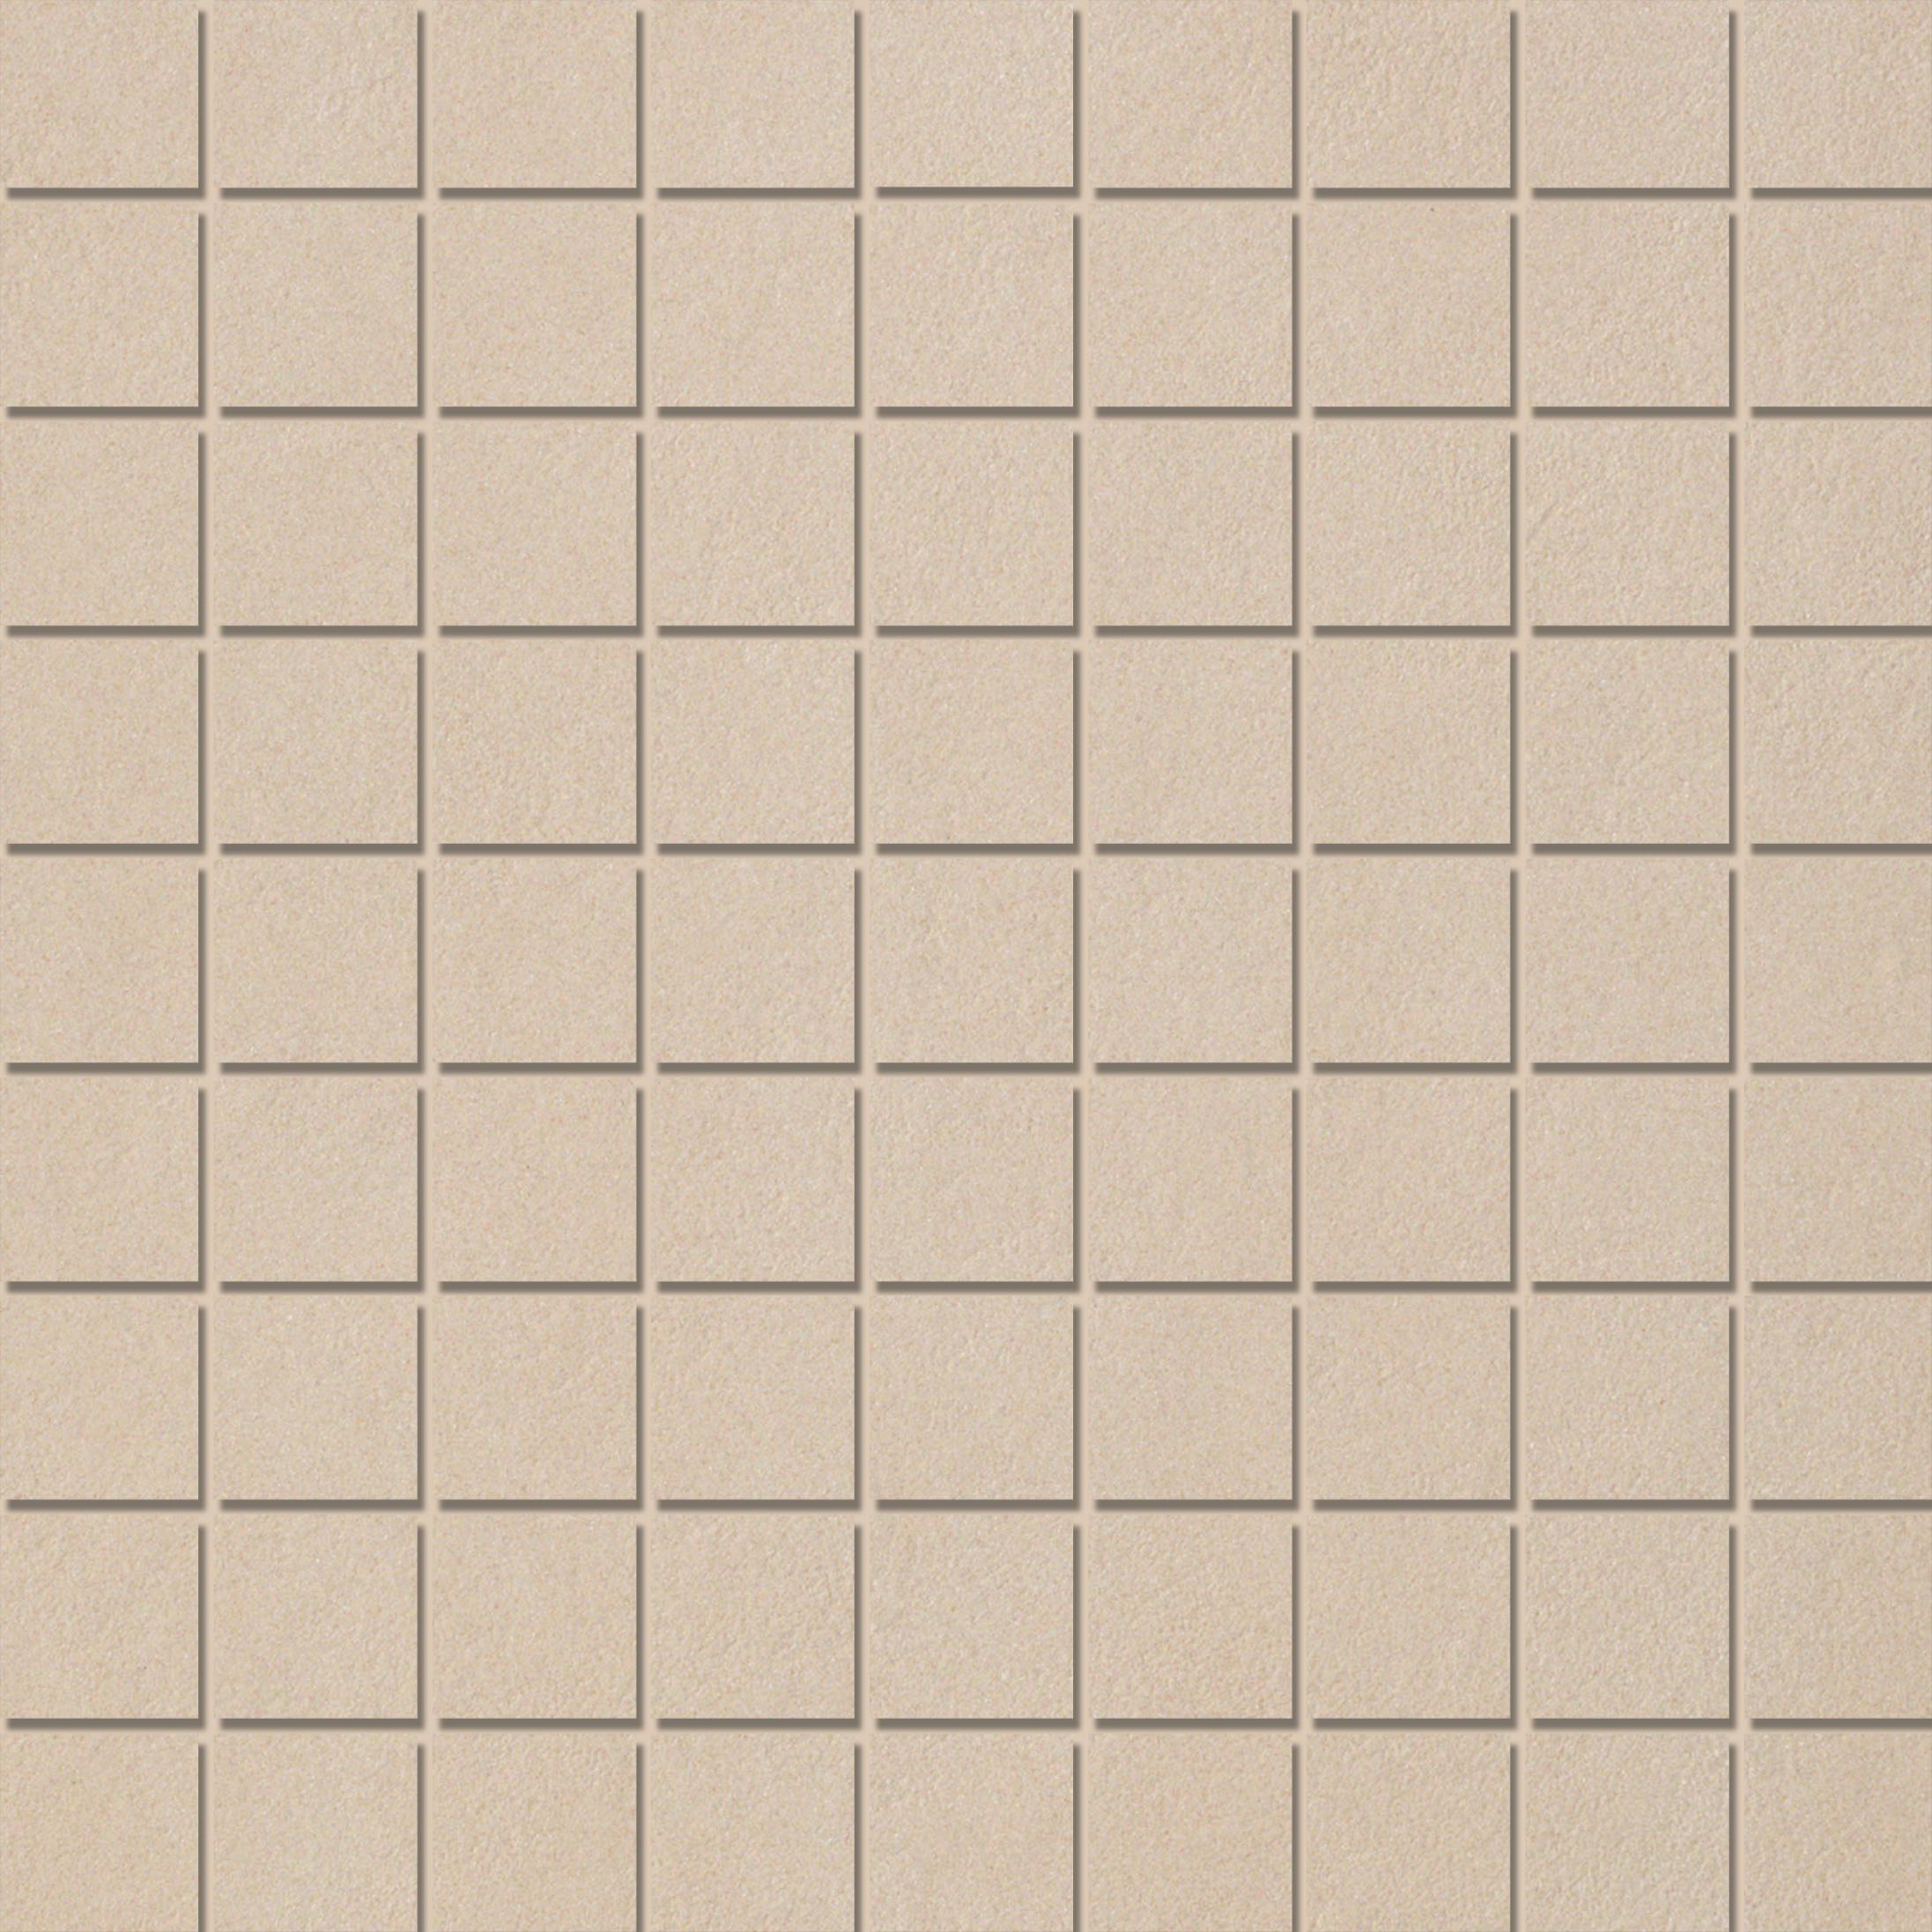 Mosaic 3,1X3,1 Beige